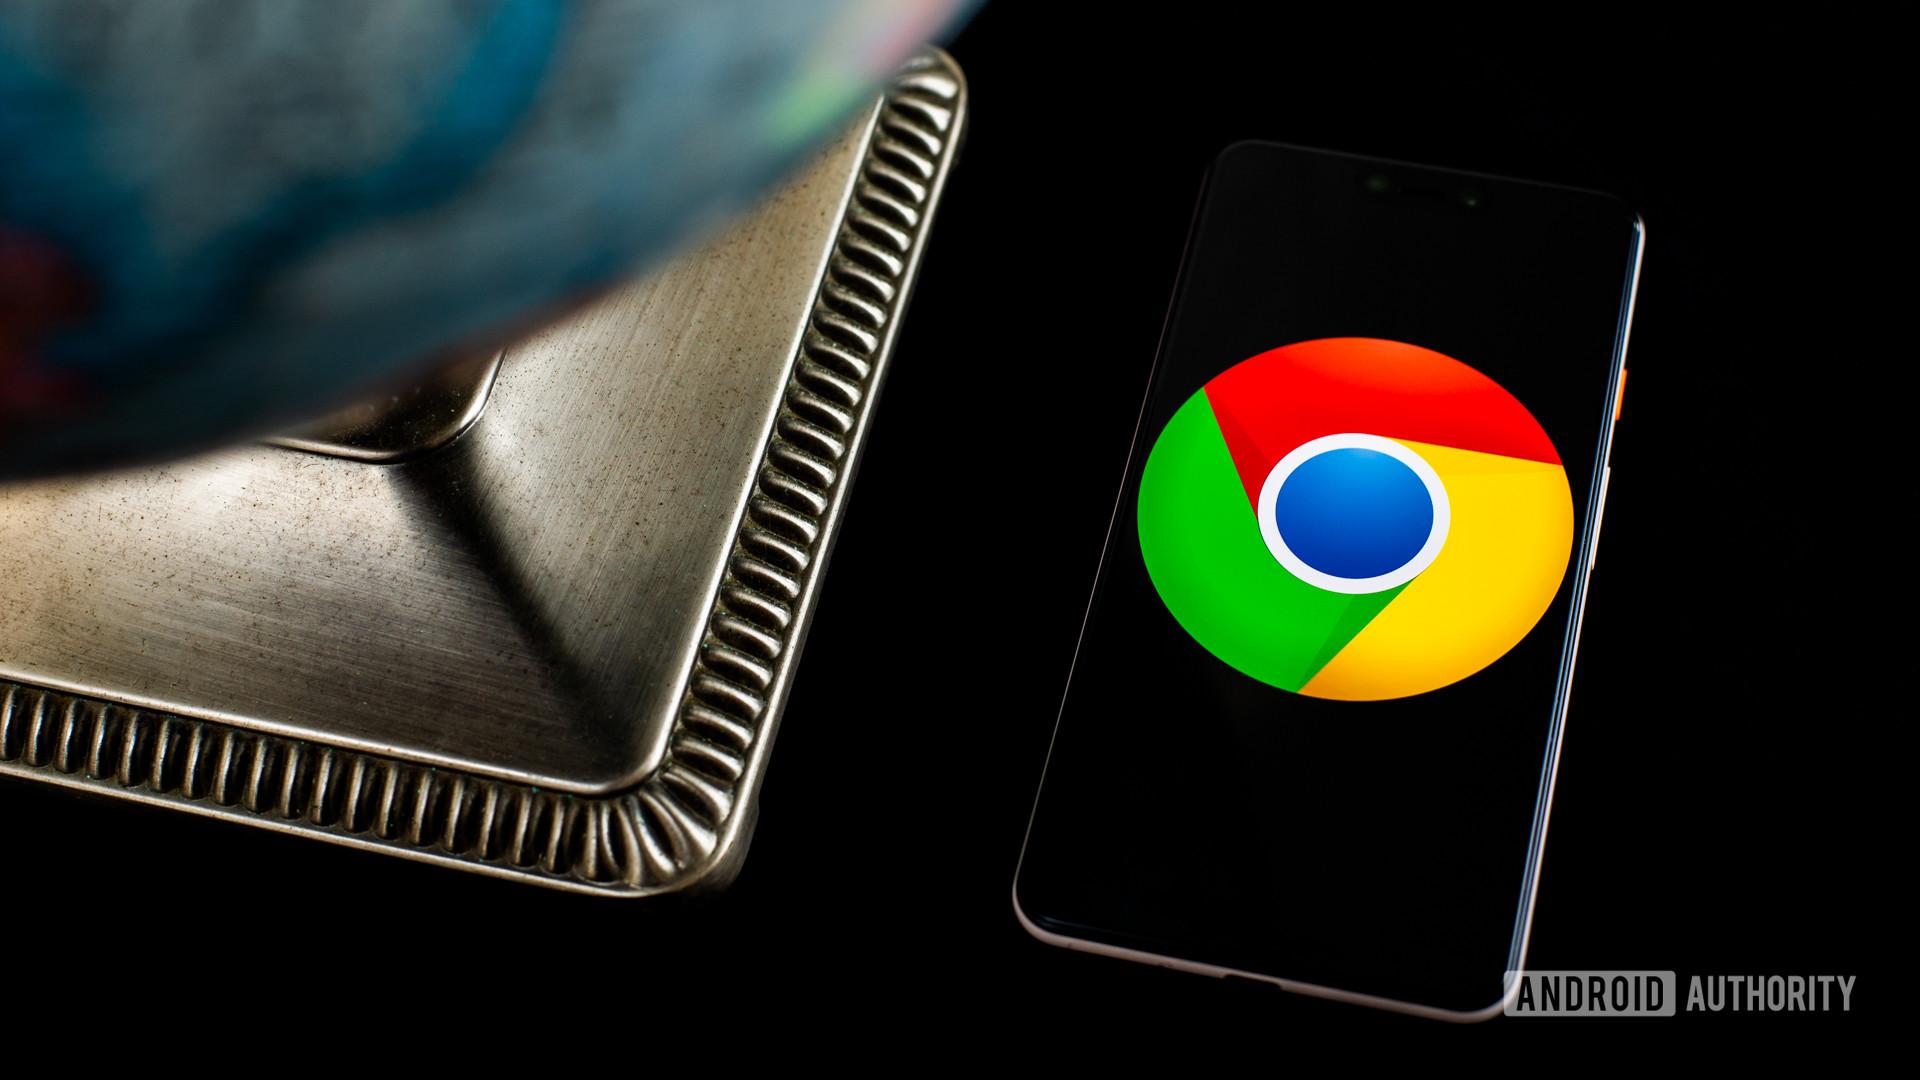 Logotipo do Chrome no smartphone ao lado do globo